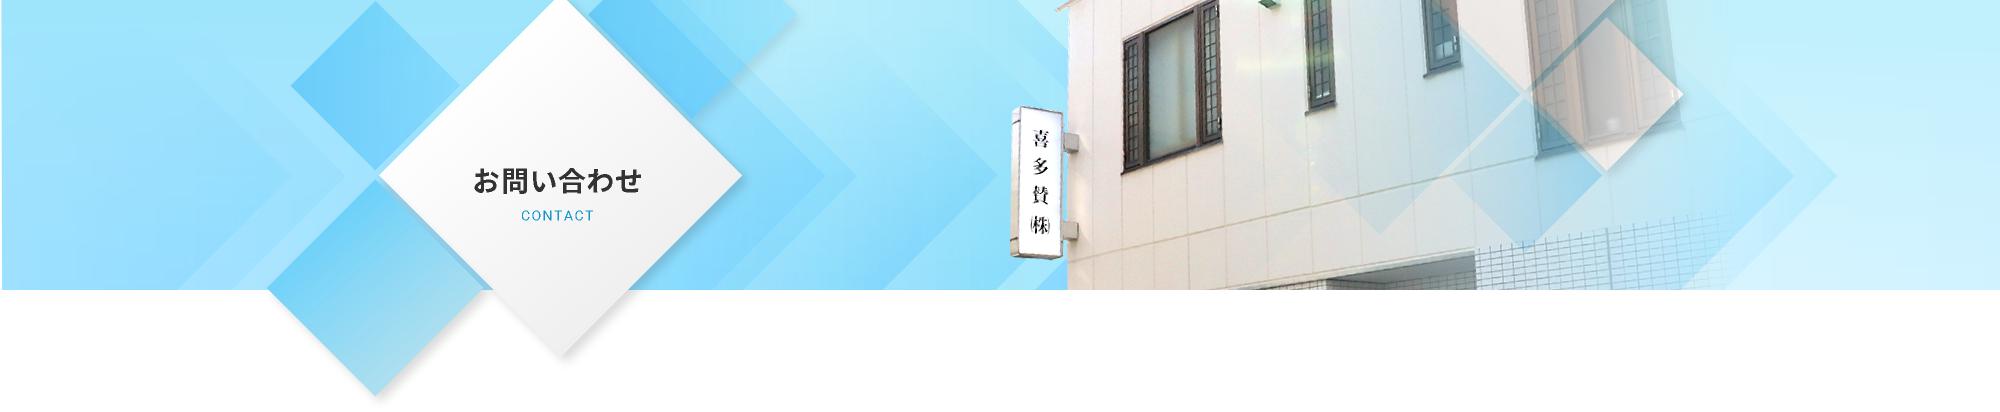 会社・事業紹介